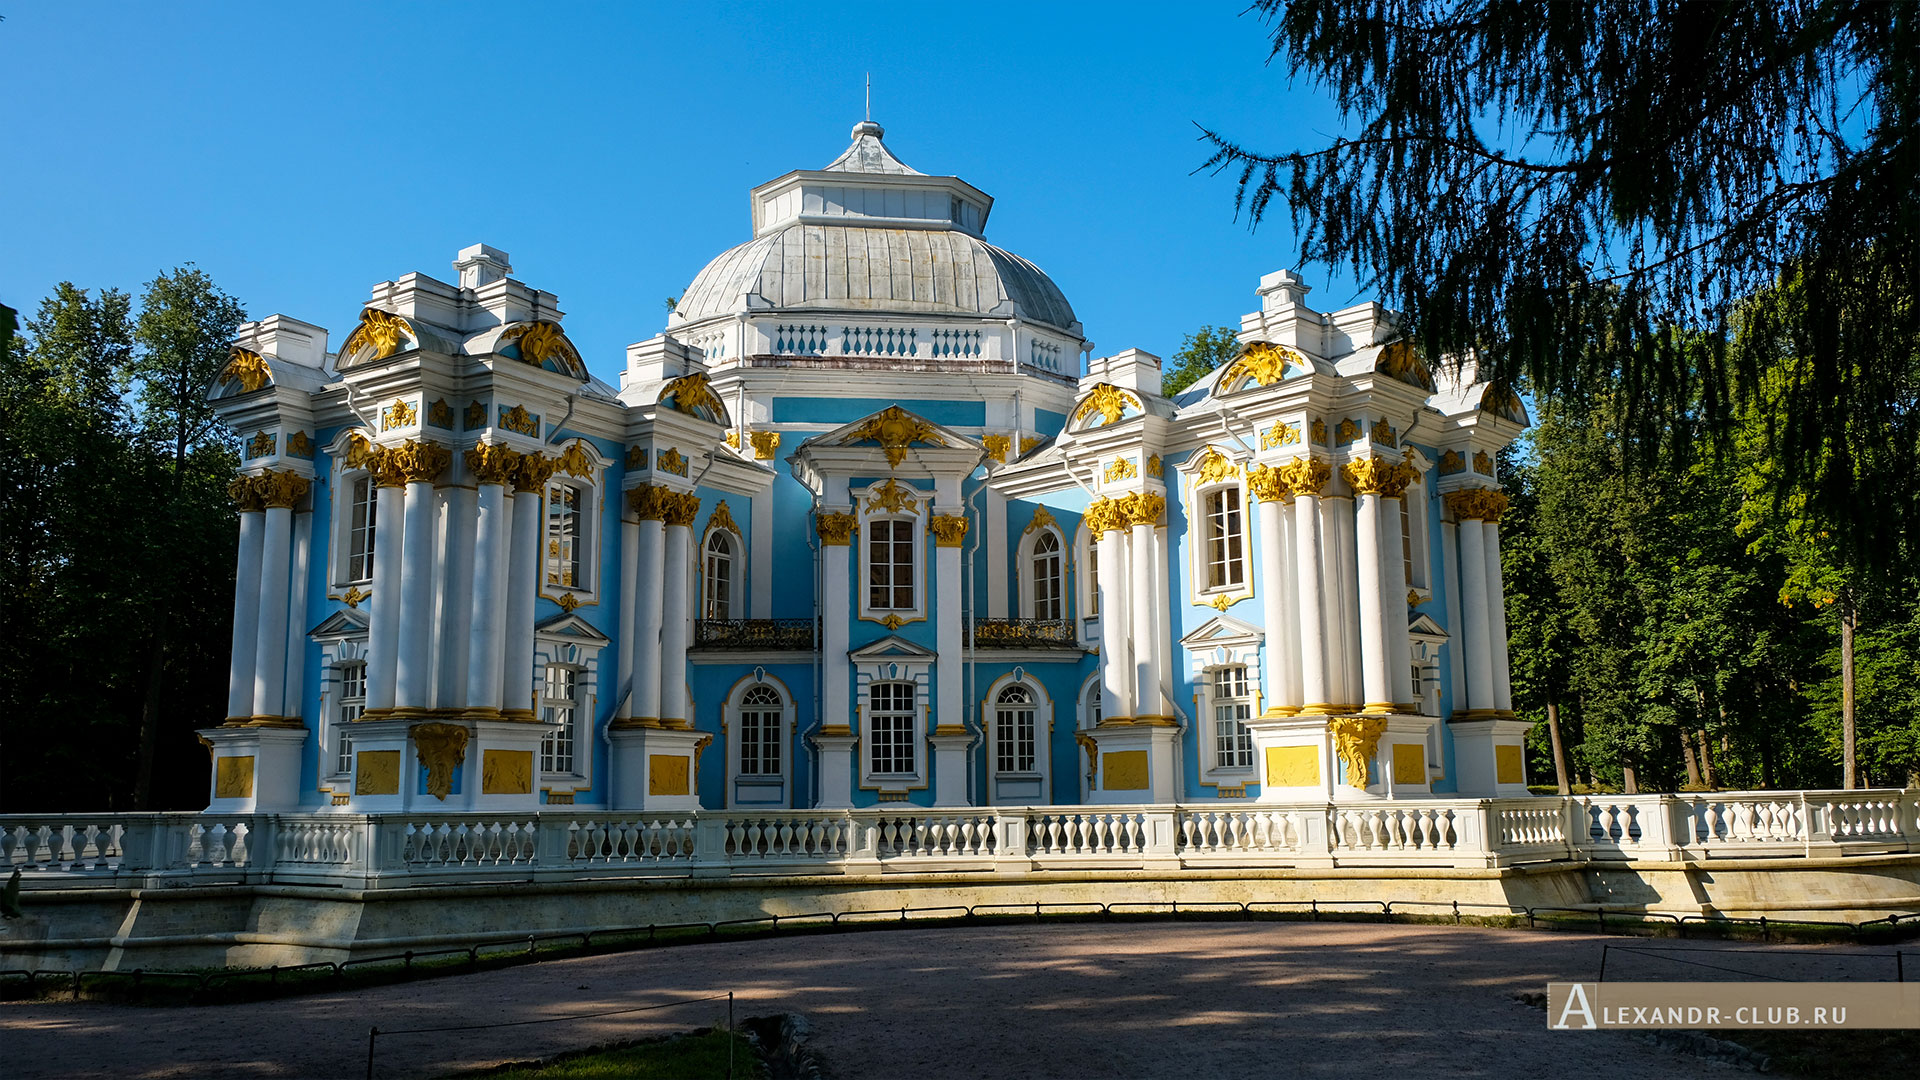 Царское Село, лето, Екатерининский парк, павильон «Эрмитаж»